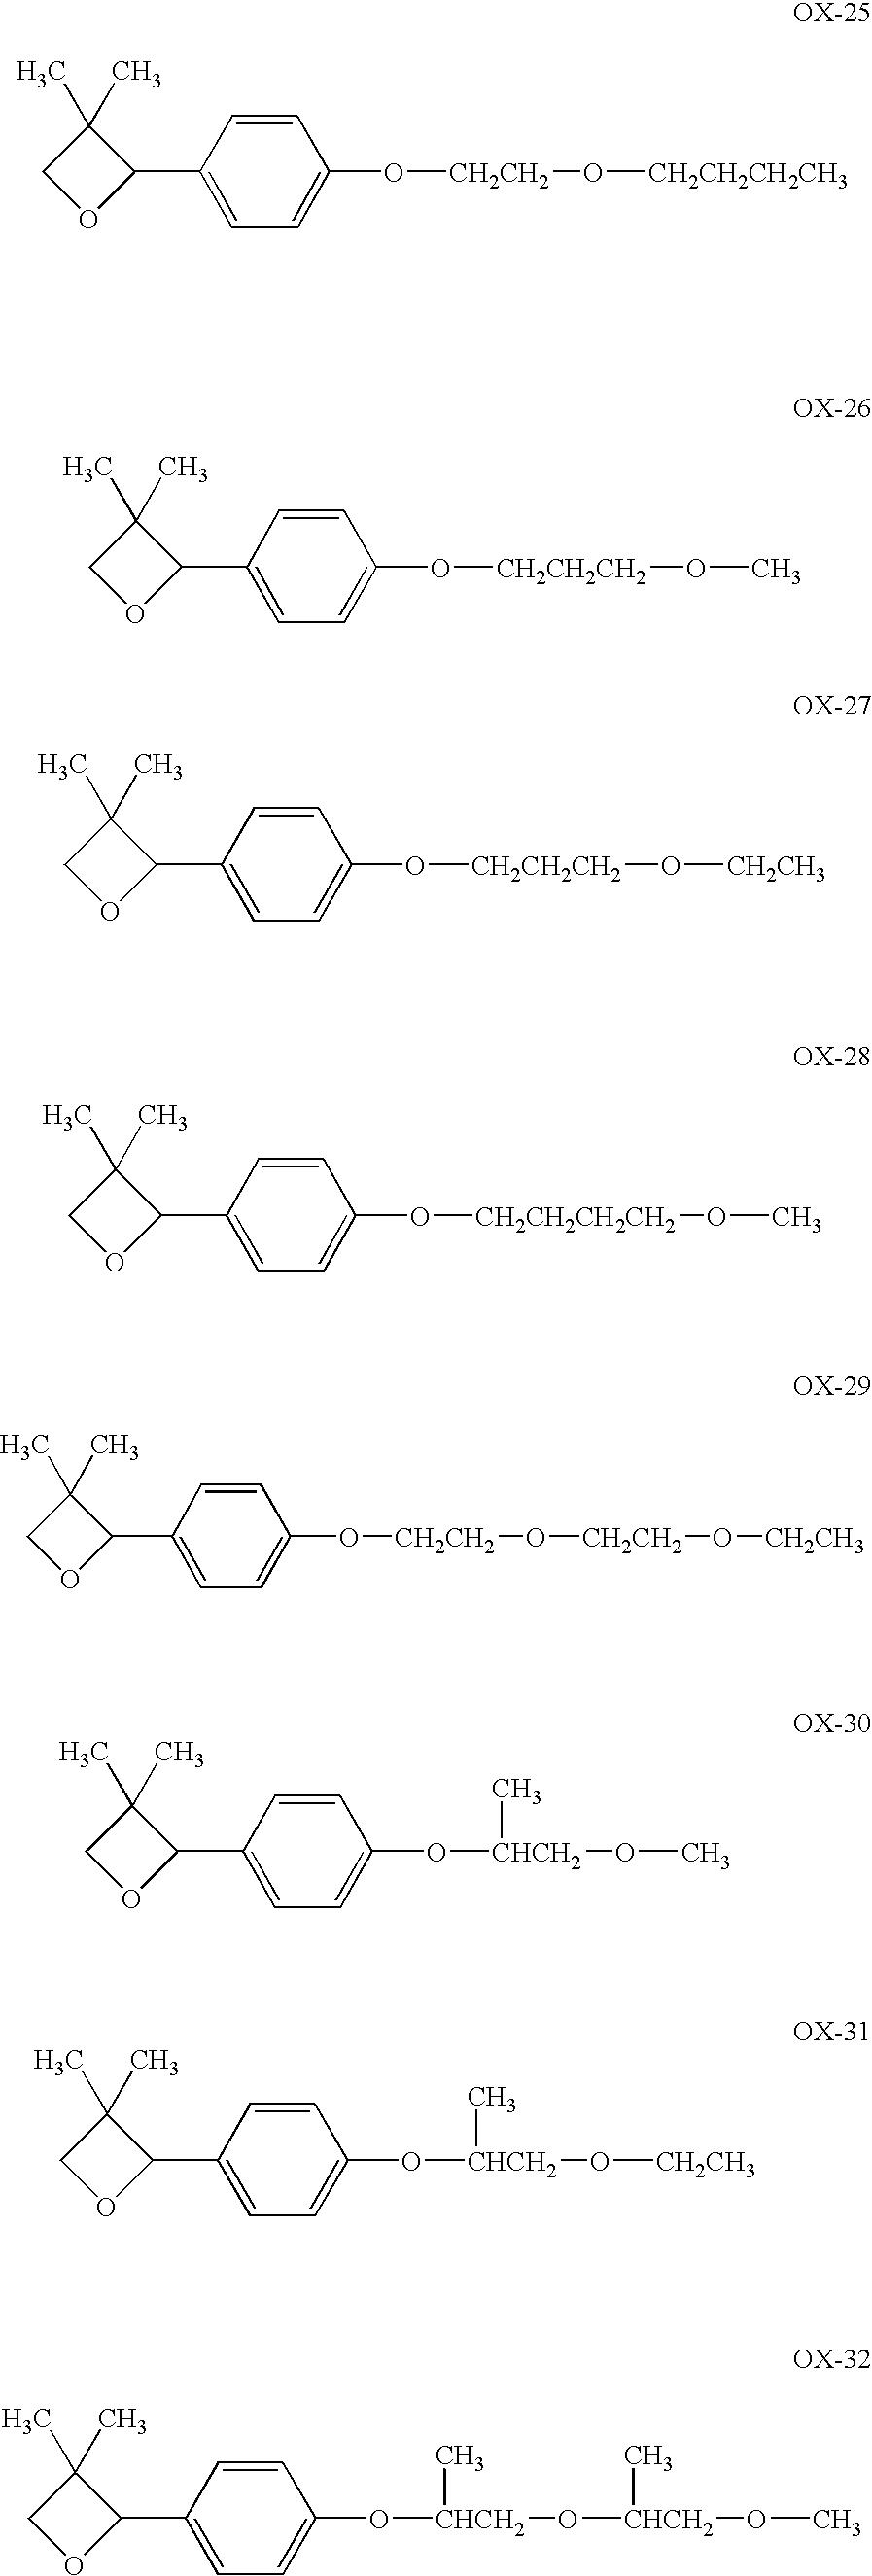 Figure US07360883-20080422-C00013